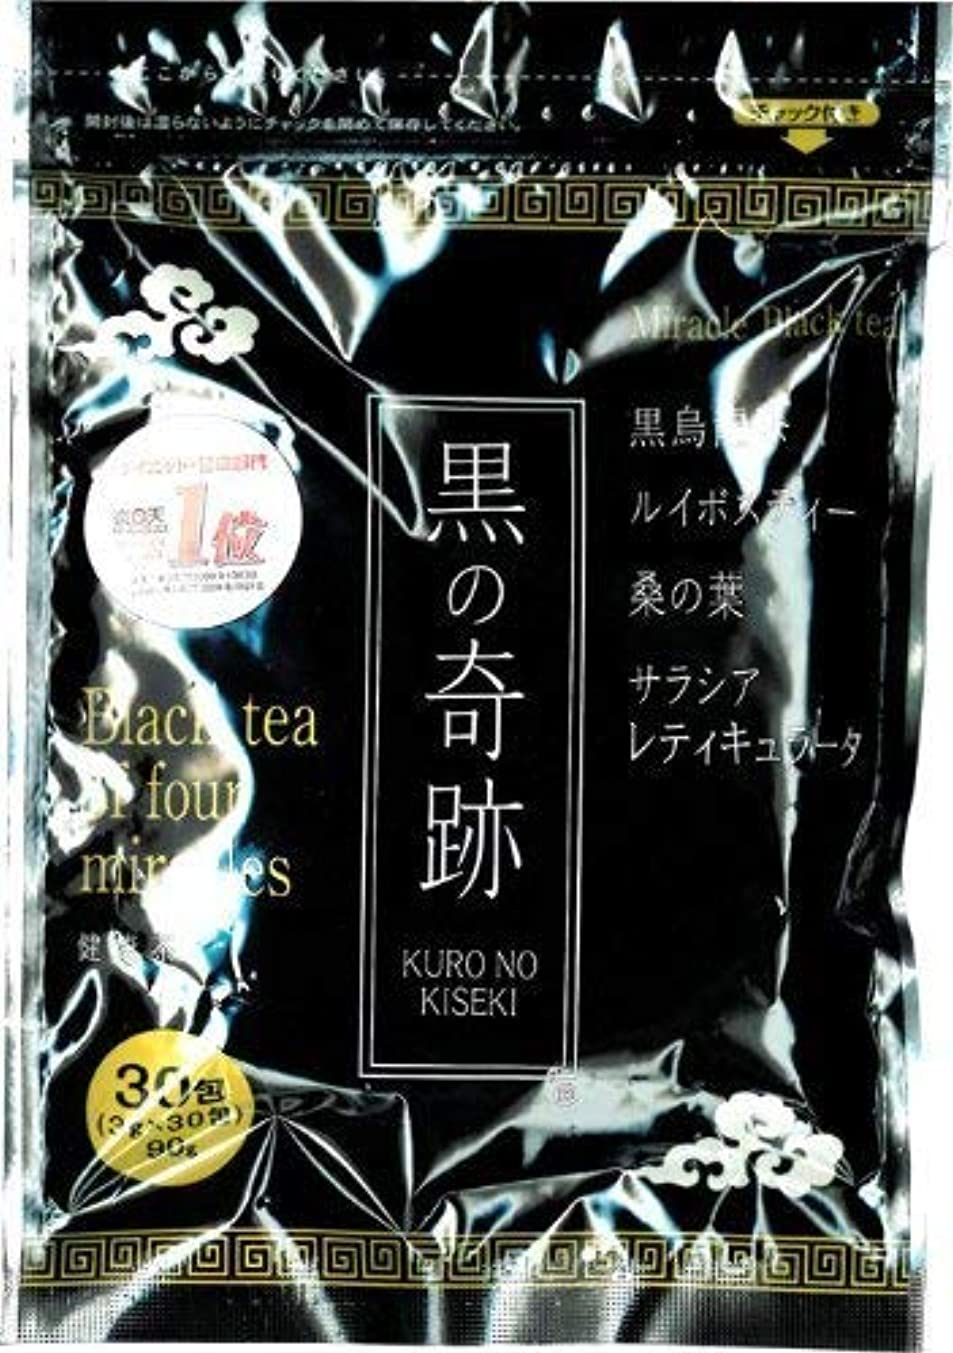 ペチコート所有権合併黒の奇跡 (30包入) 1袋